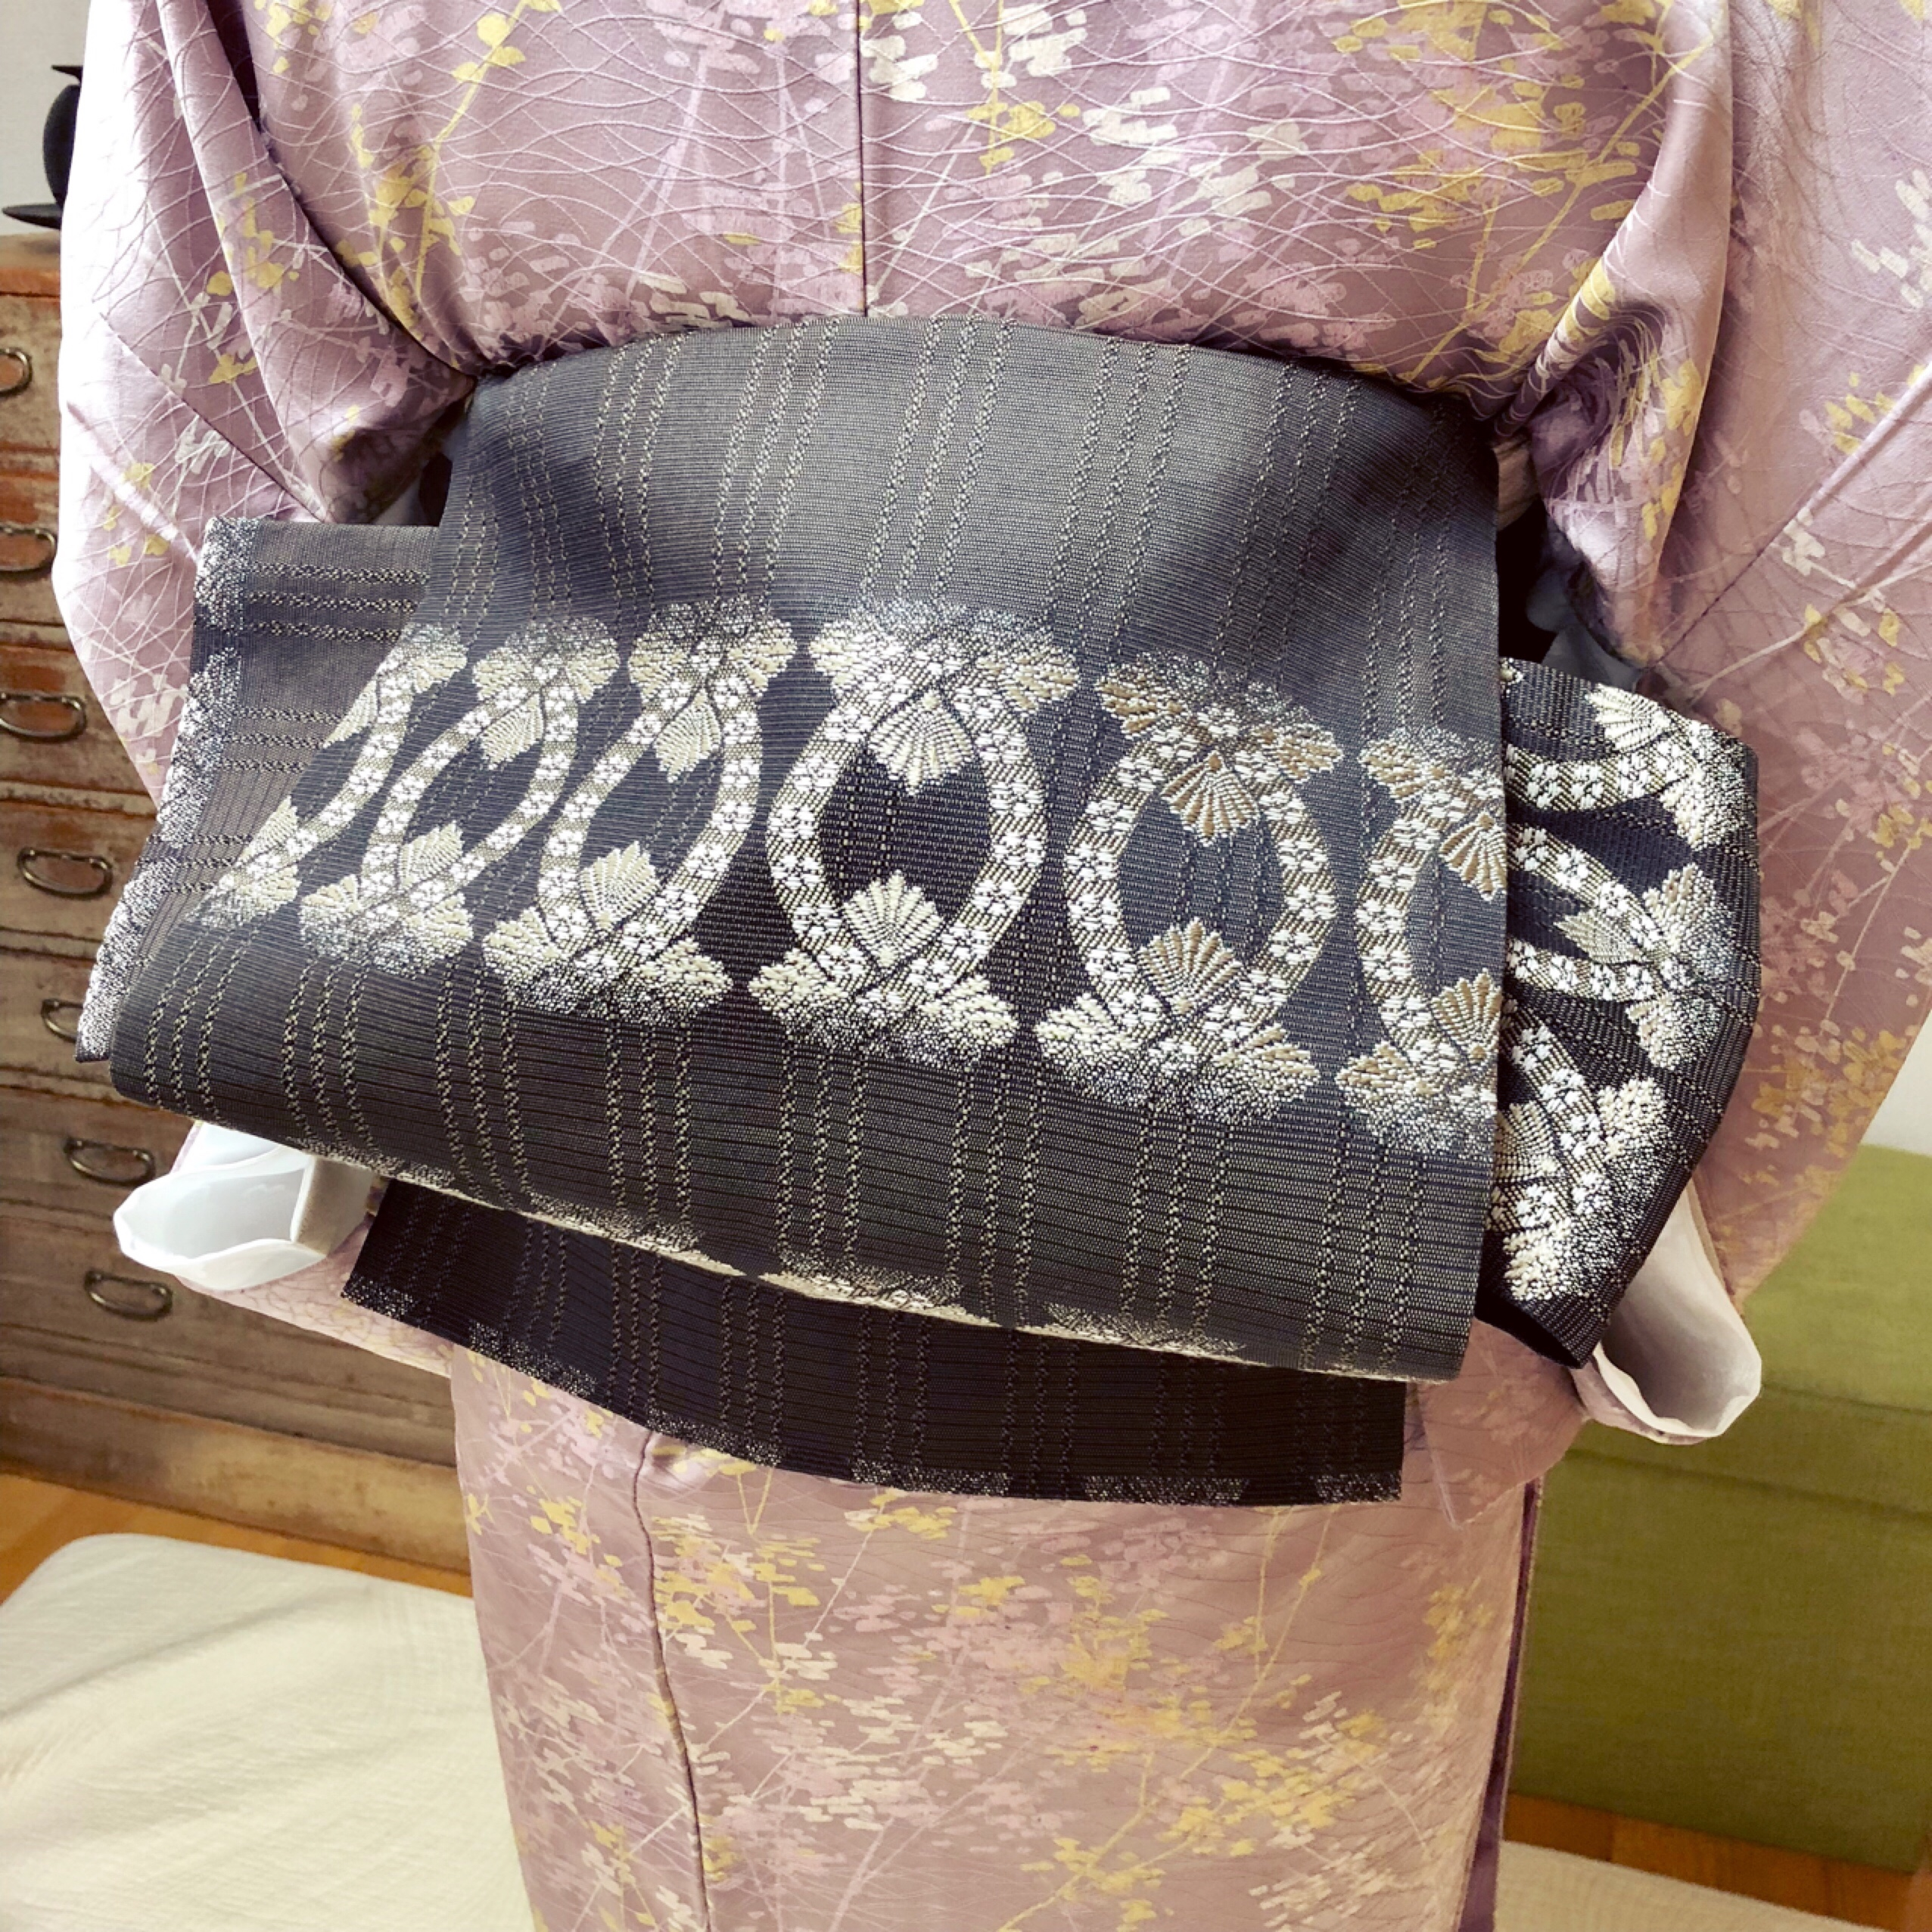 昔ながらのお道具のみを使った着付けを習得されました【大阪京橋の着付け教室きものたまより】